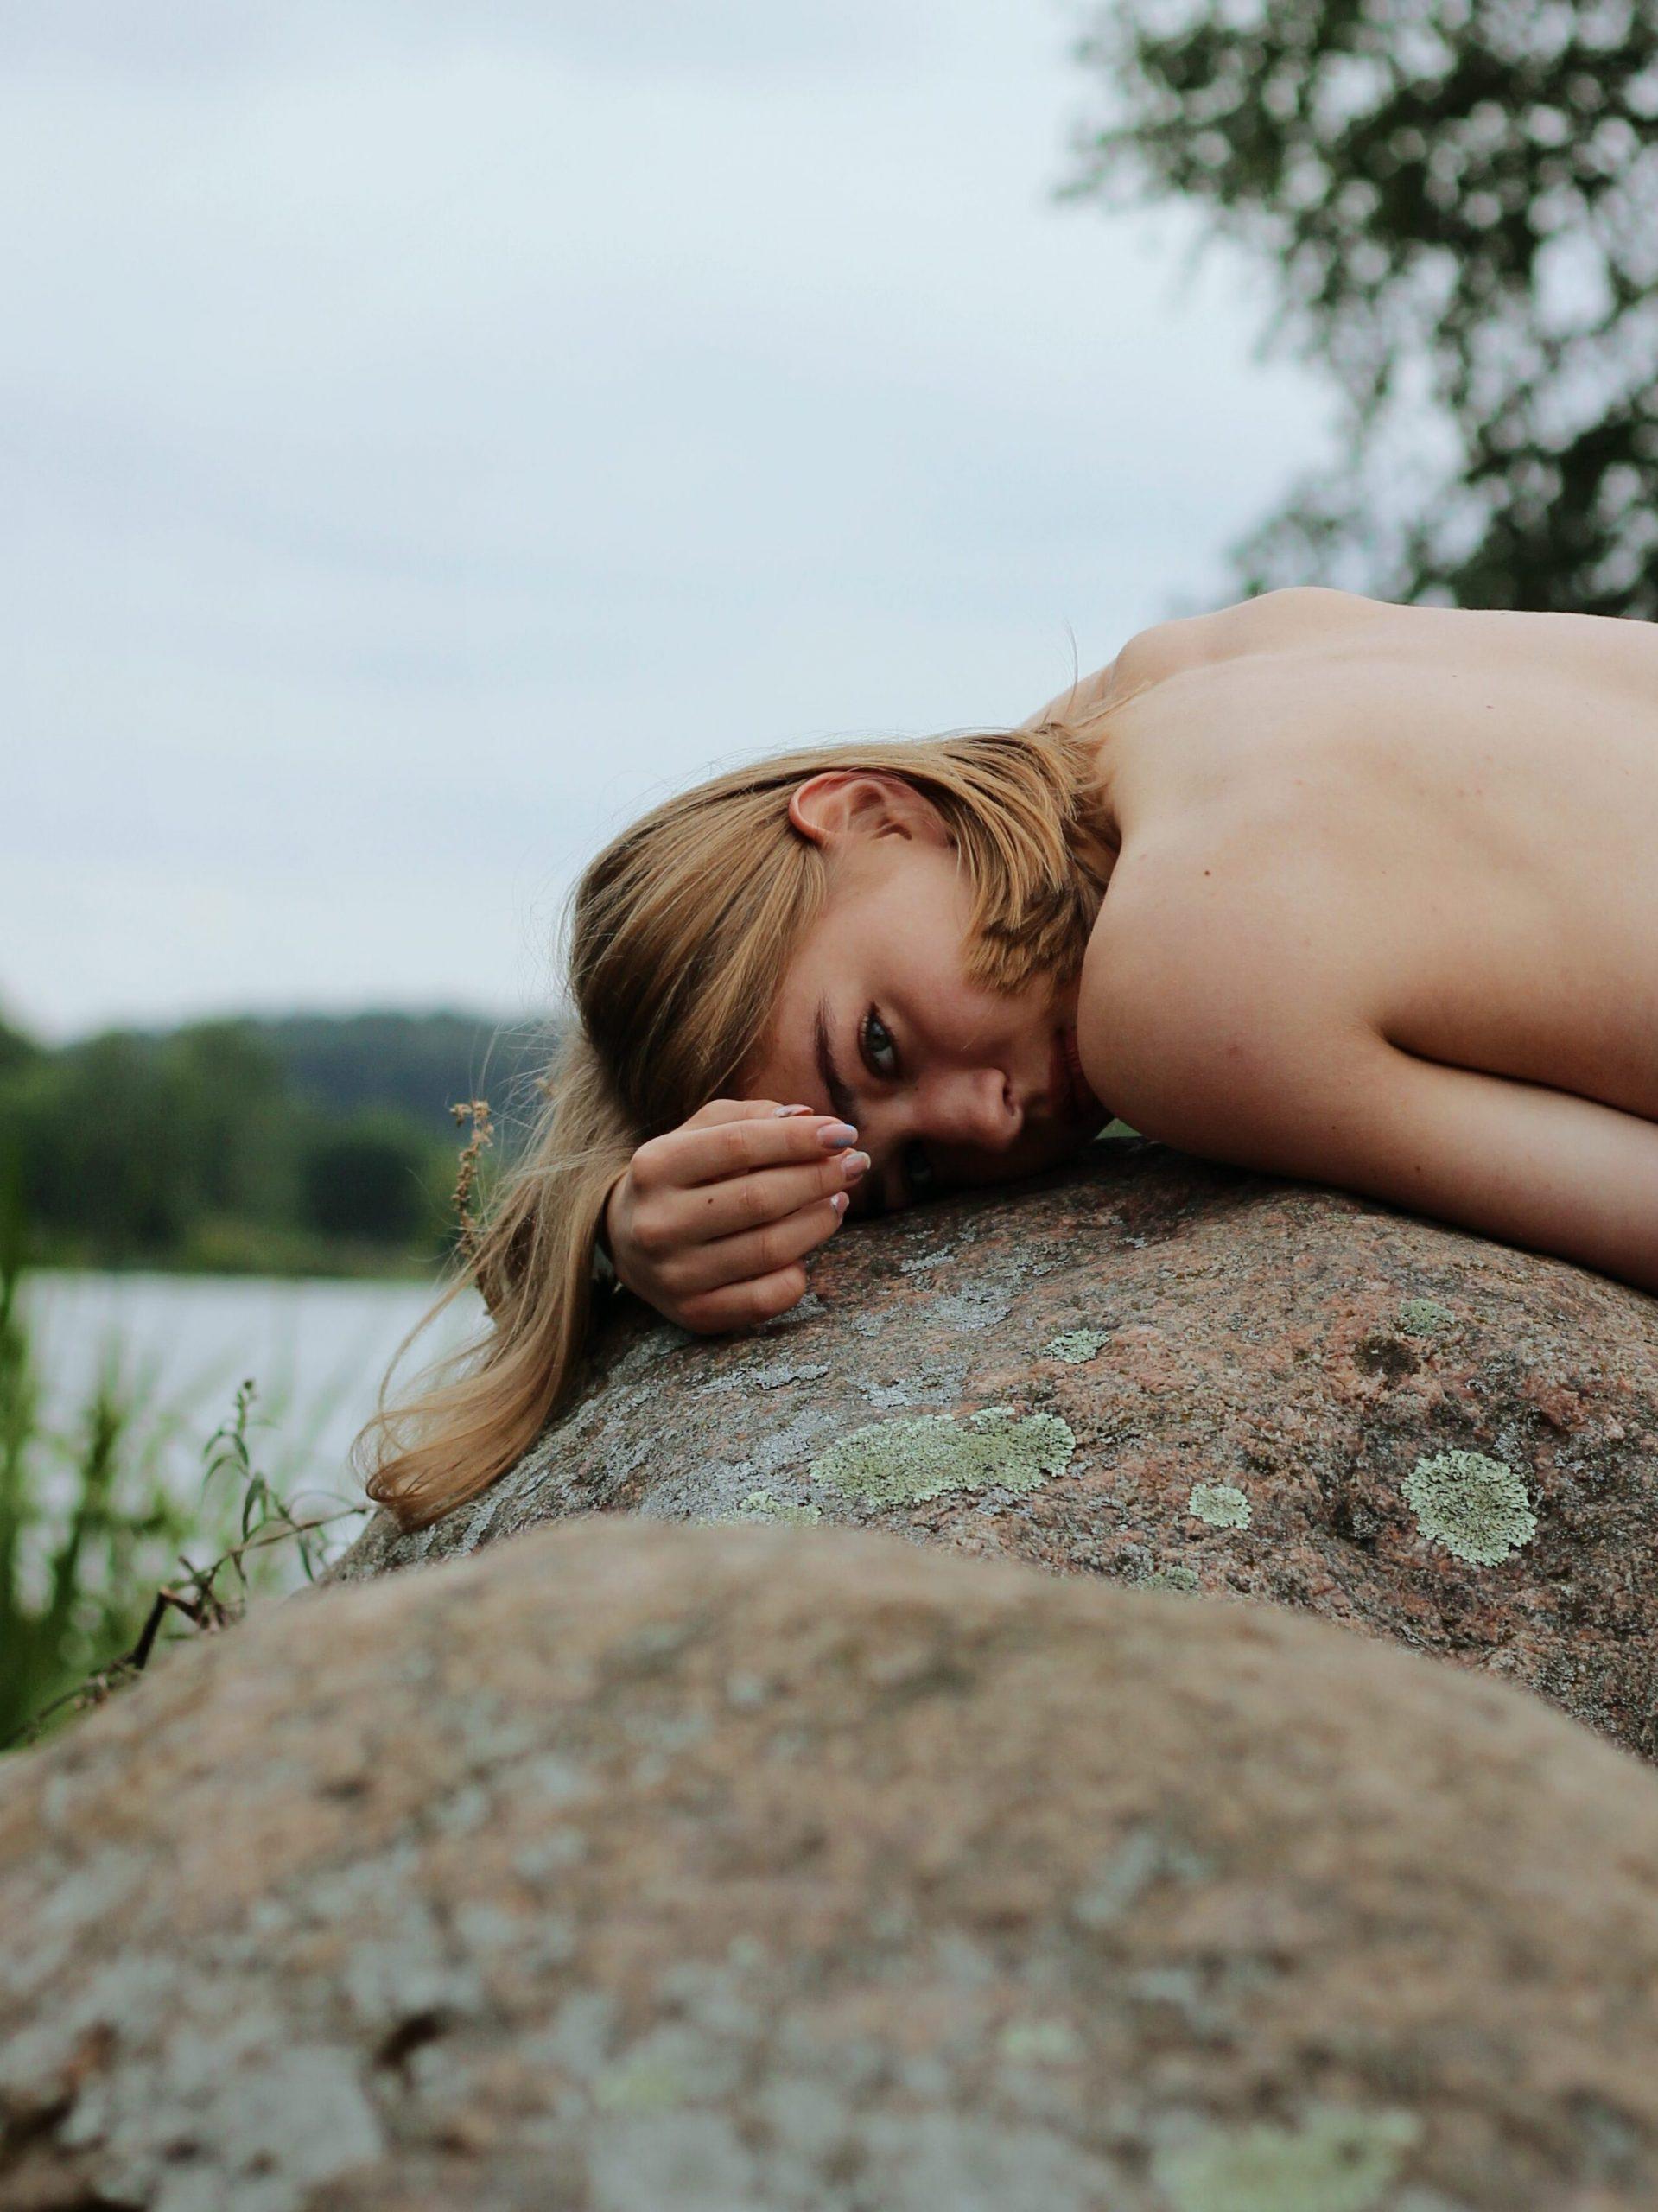 femme nue sur un rocherHistoire du naturisme en France